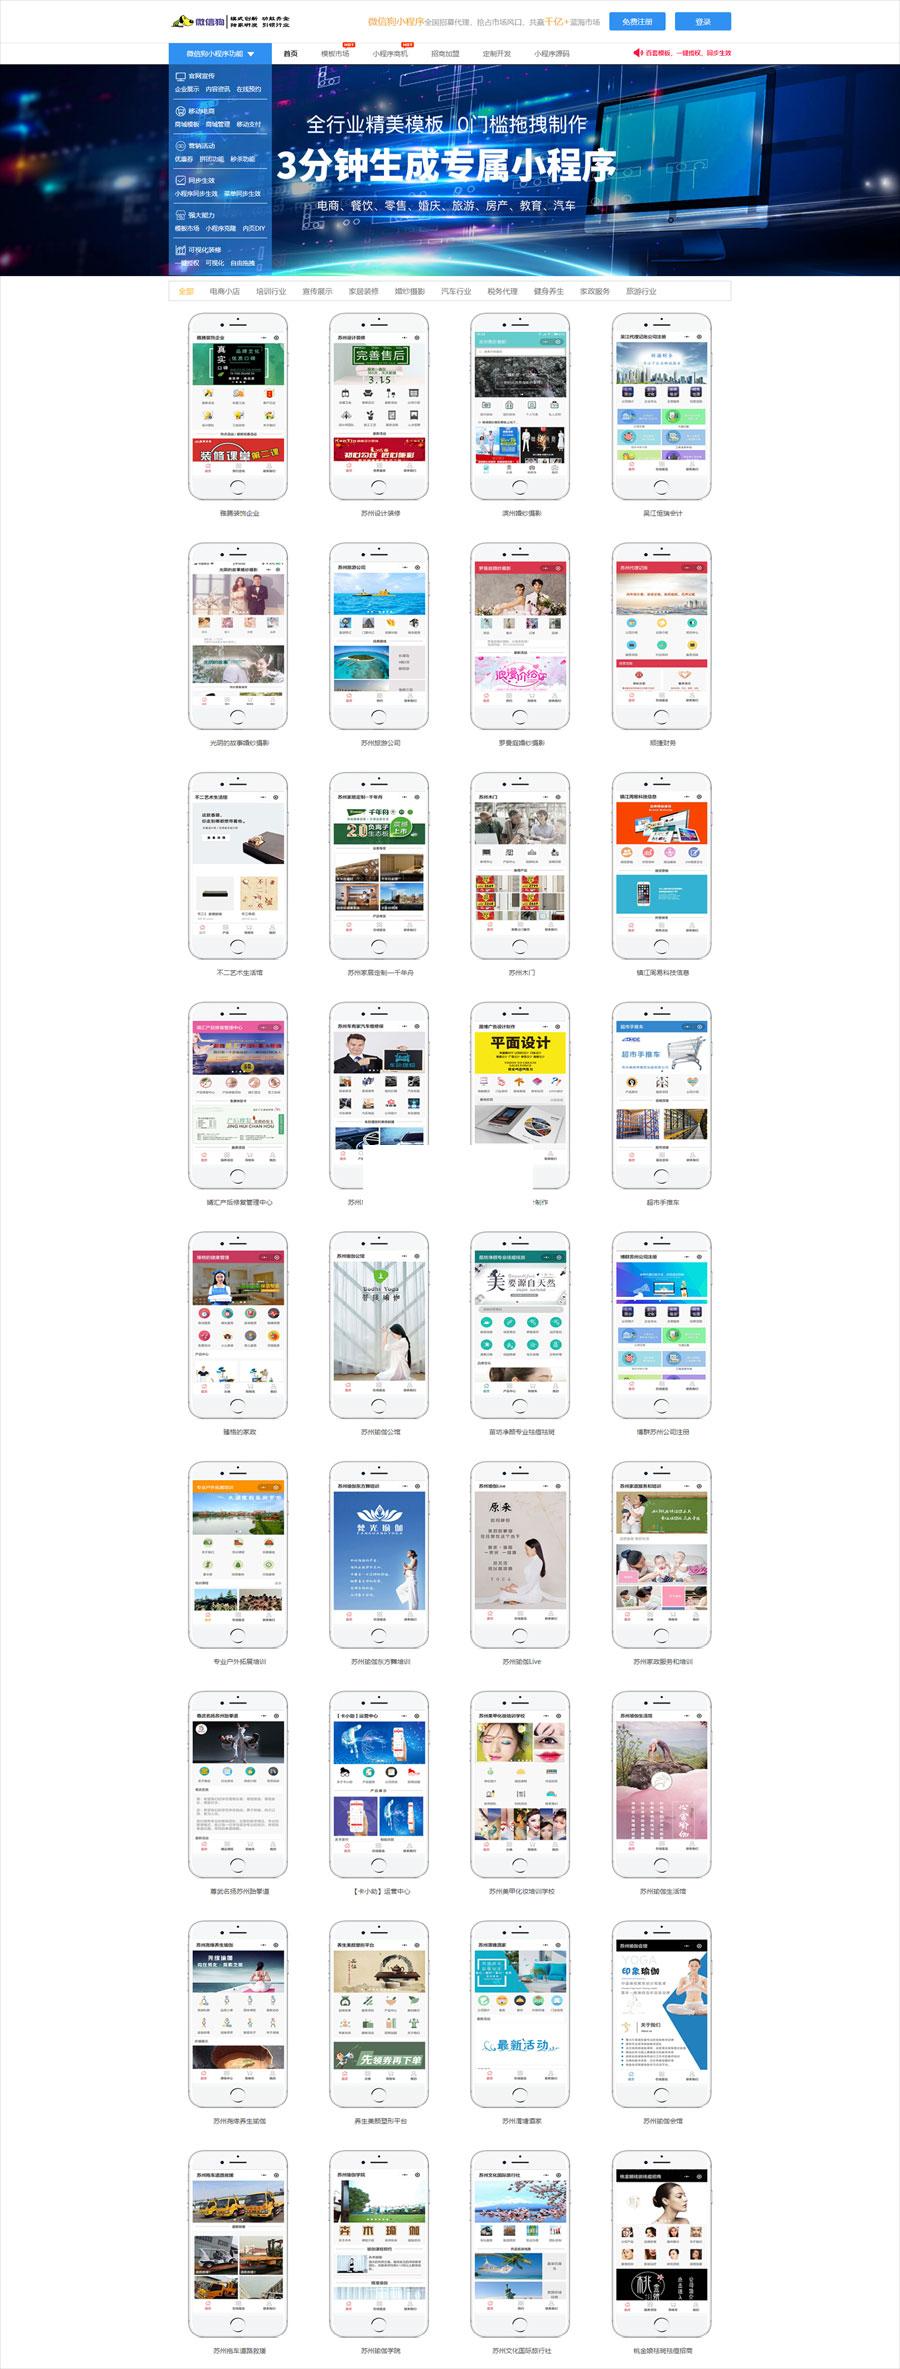 微信狗可视化小程序平台系统网站源码OEM招商加盟版下载 百度小程序可视化平台含百套模板含教程